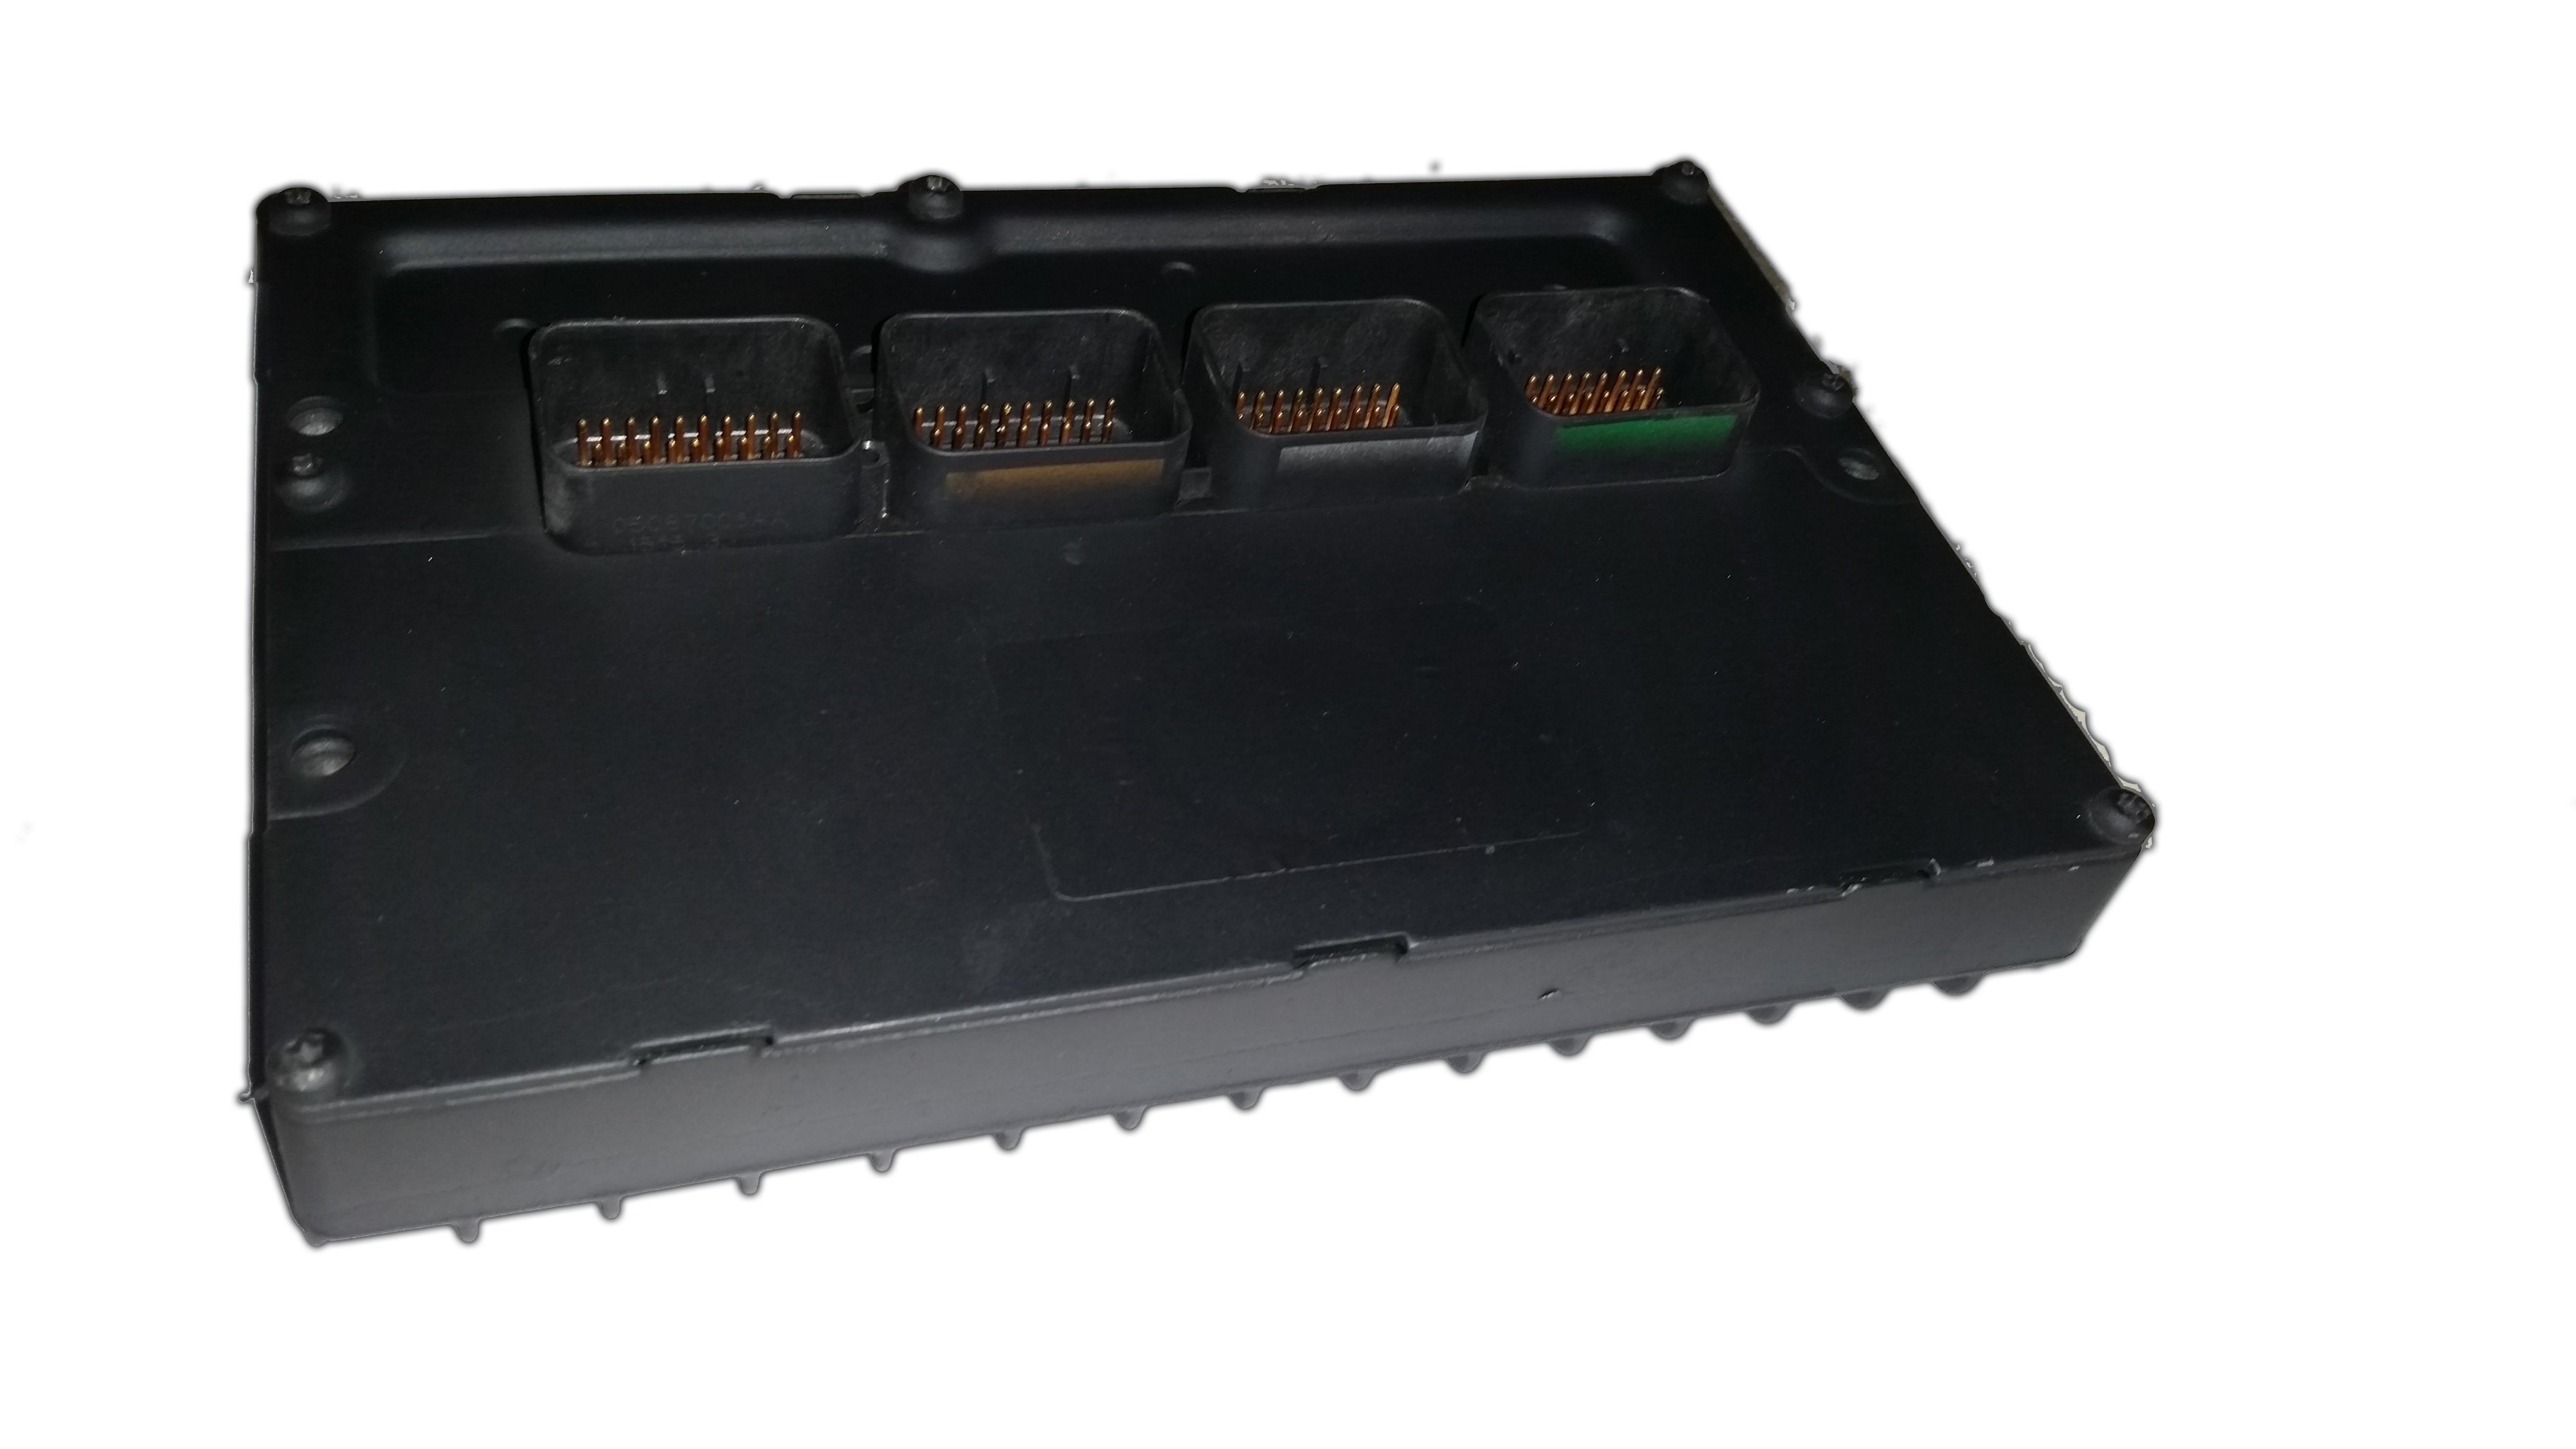 2009 Jeep Commander 4.7L V8 Gas PCM / ECU / ECM Engine Computer